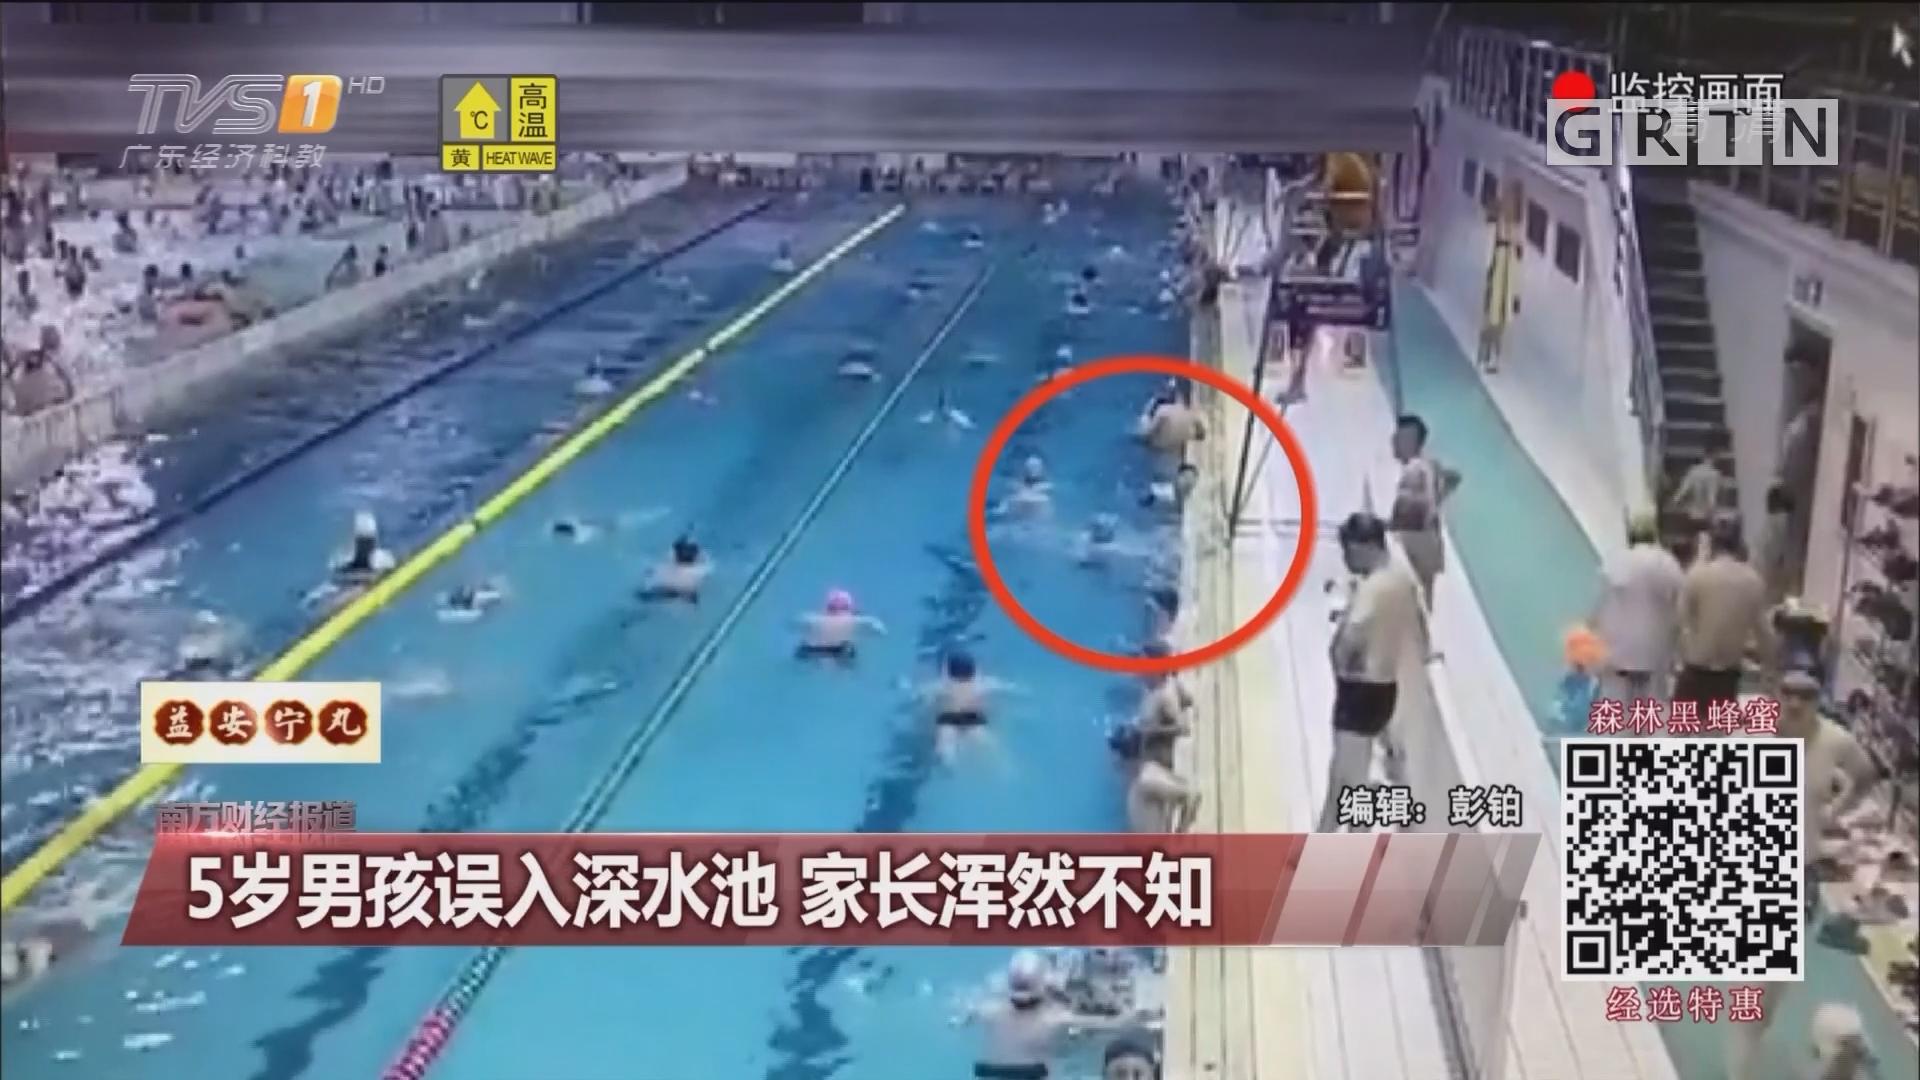 5岁男孩误入深水池 家长浑然不知